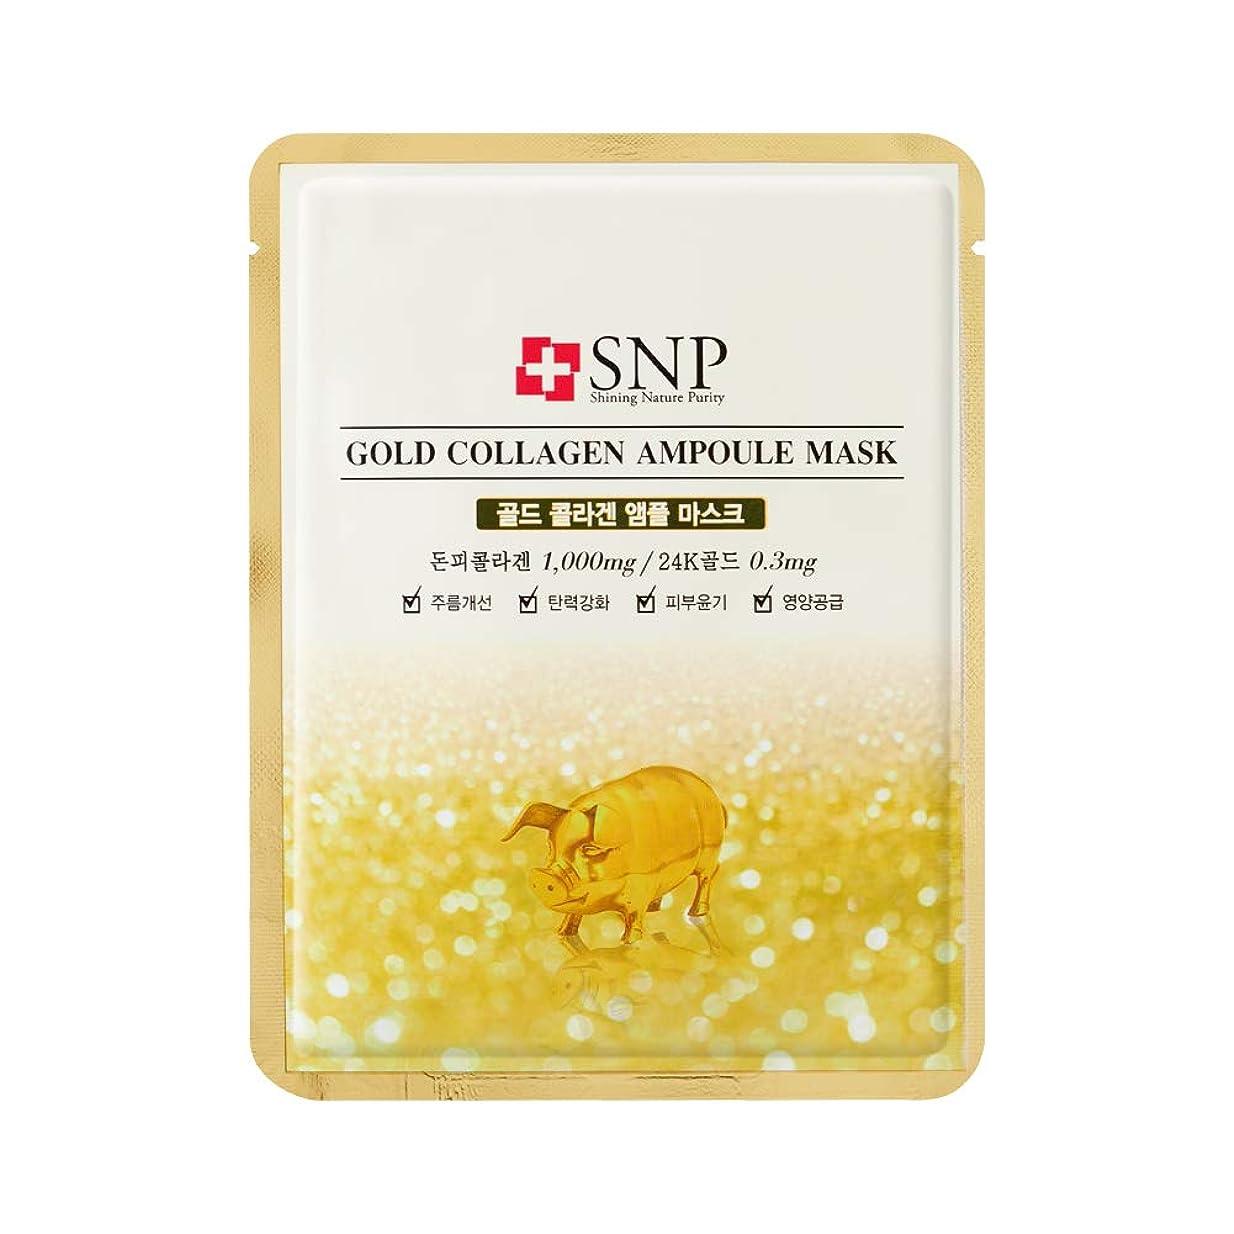 クリップ蝶司教敬意【SNP公式】ゴールドコラーゲンアンプルマスク10枚セット/Gold Collagen Ampoul Mask 25ml 韓国コスメ 韓国パック フェイスマスク マスクパック 保湿